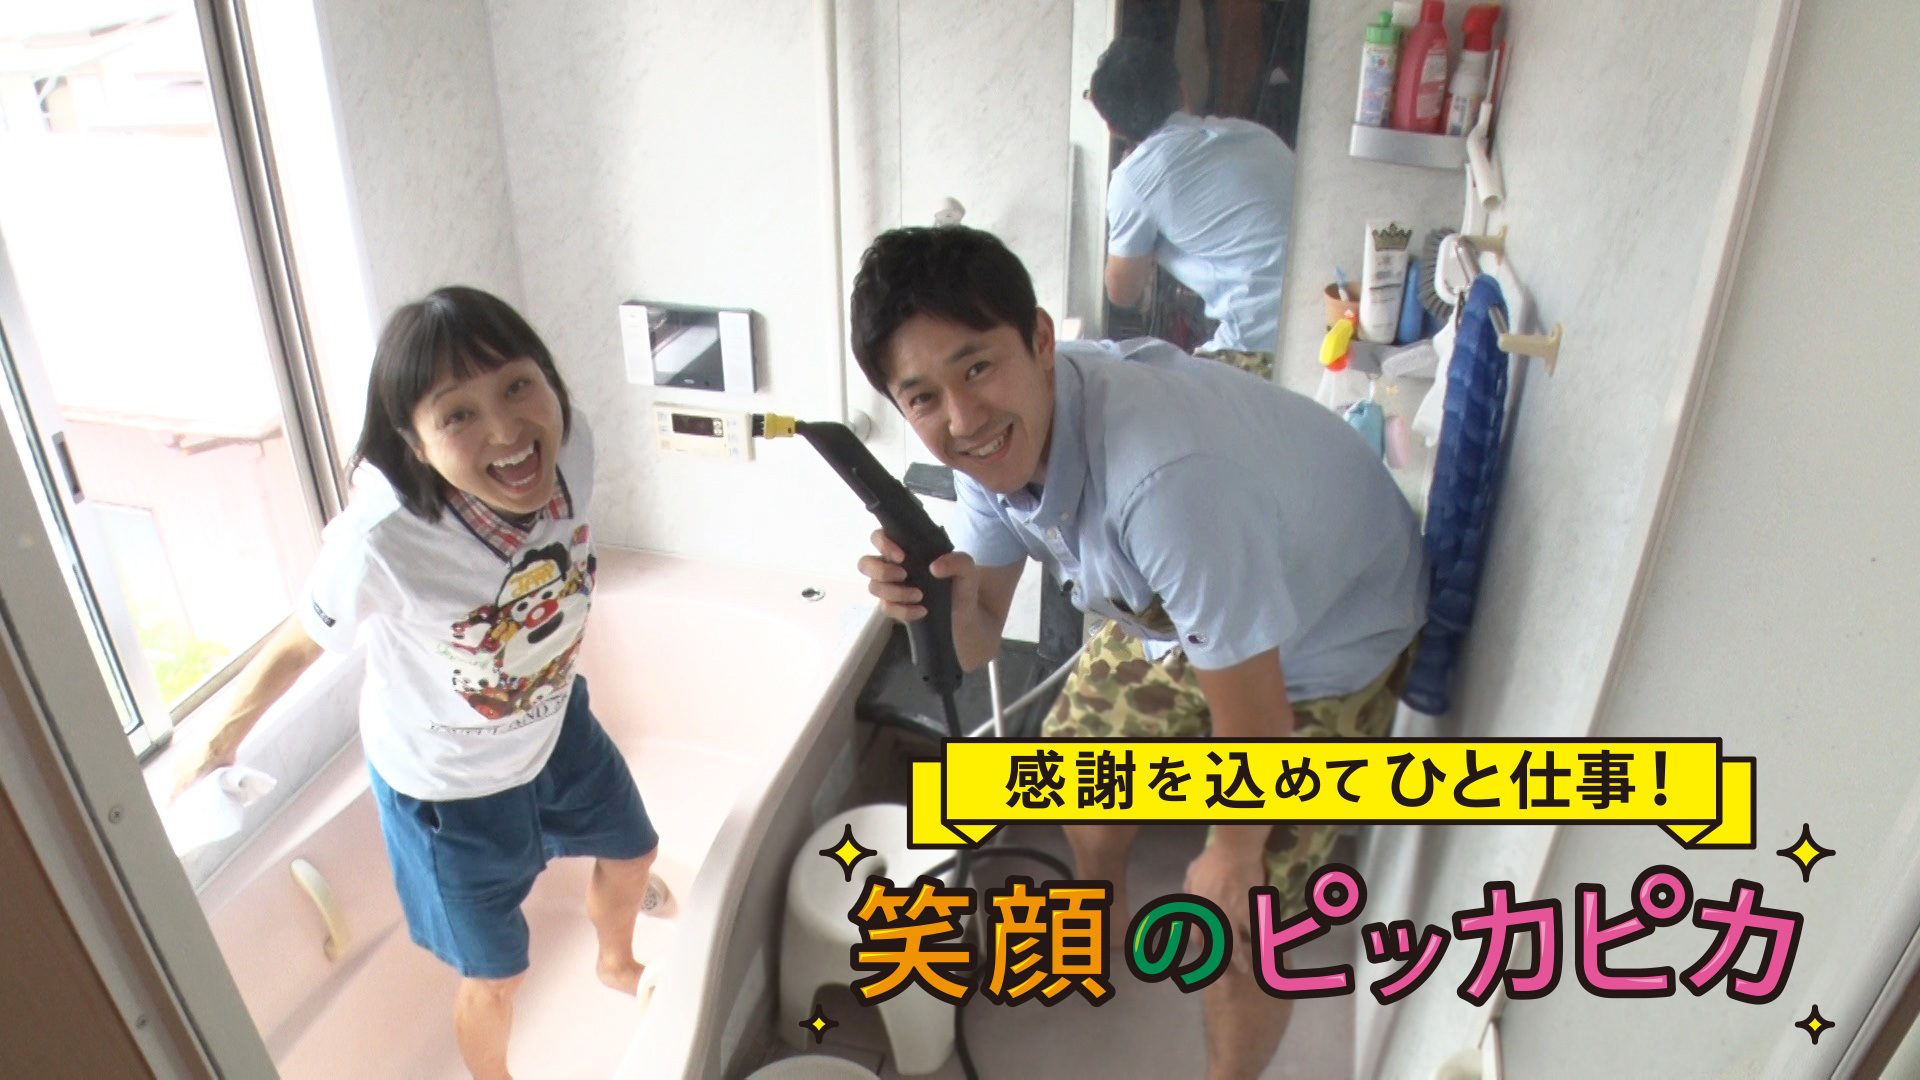 ケルヒャージャパン presents 感謝を込めてひと仕事!<br>「笑顔のピッカピカ」